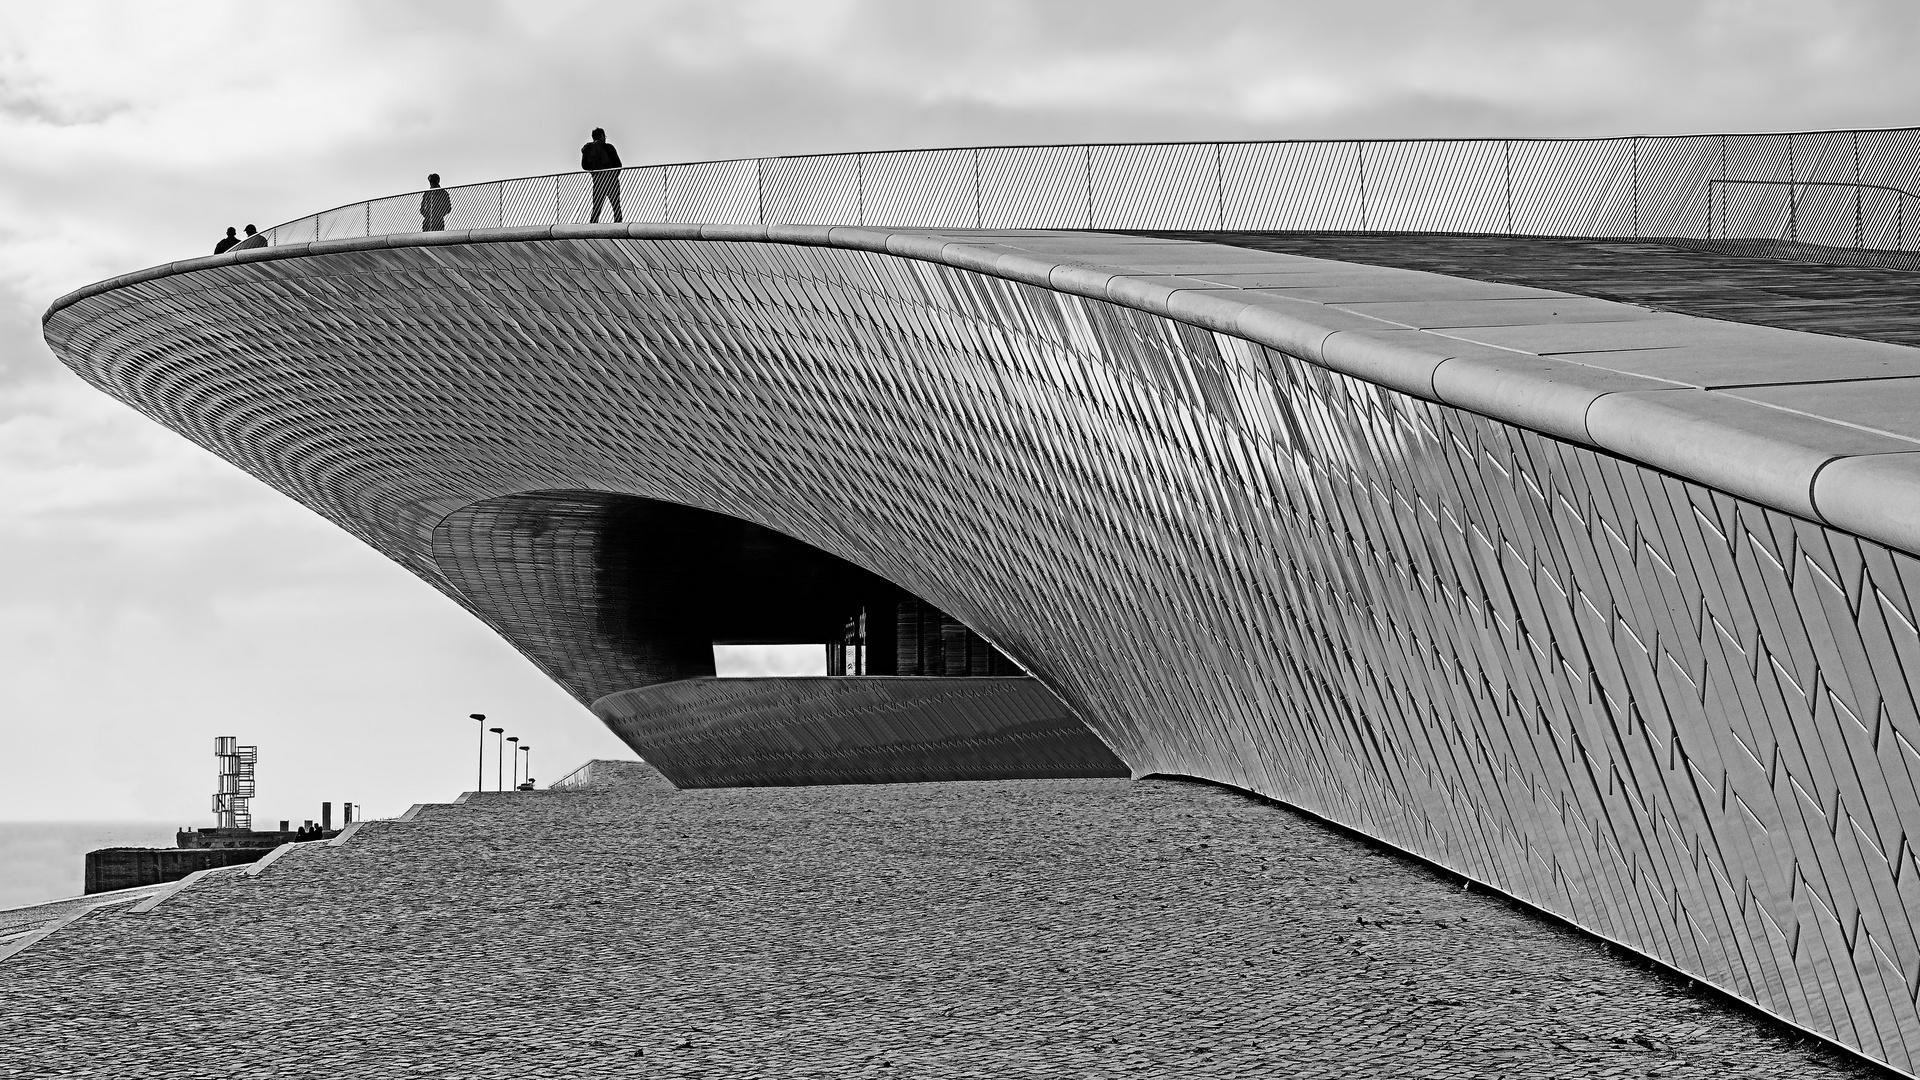 MAAT - Museu de Arte, Arquitetura e Tecnologia.